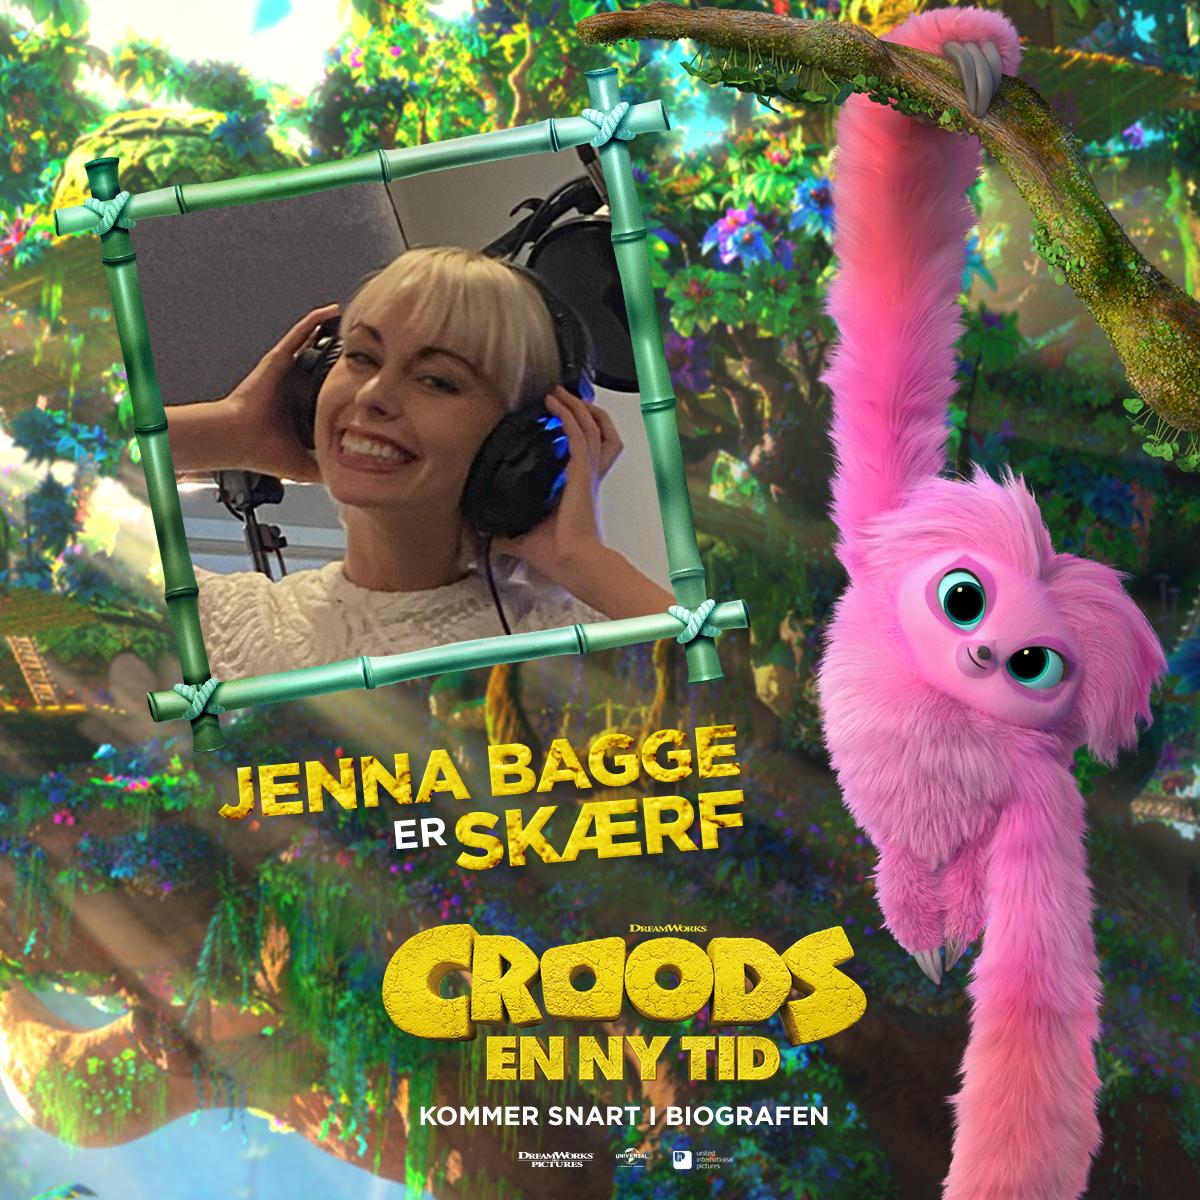 Croods - Karakterkort - Skærf (Jenna Bagge)2